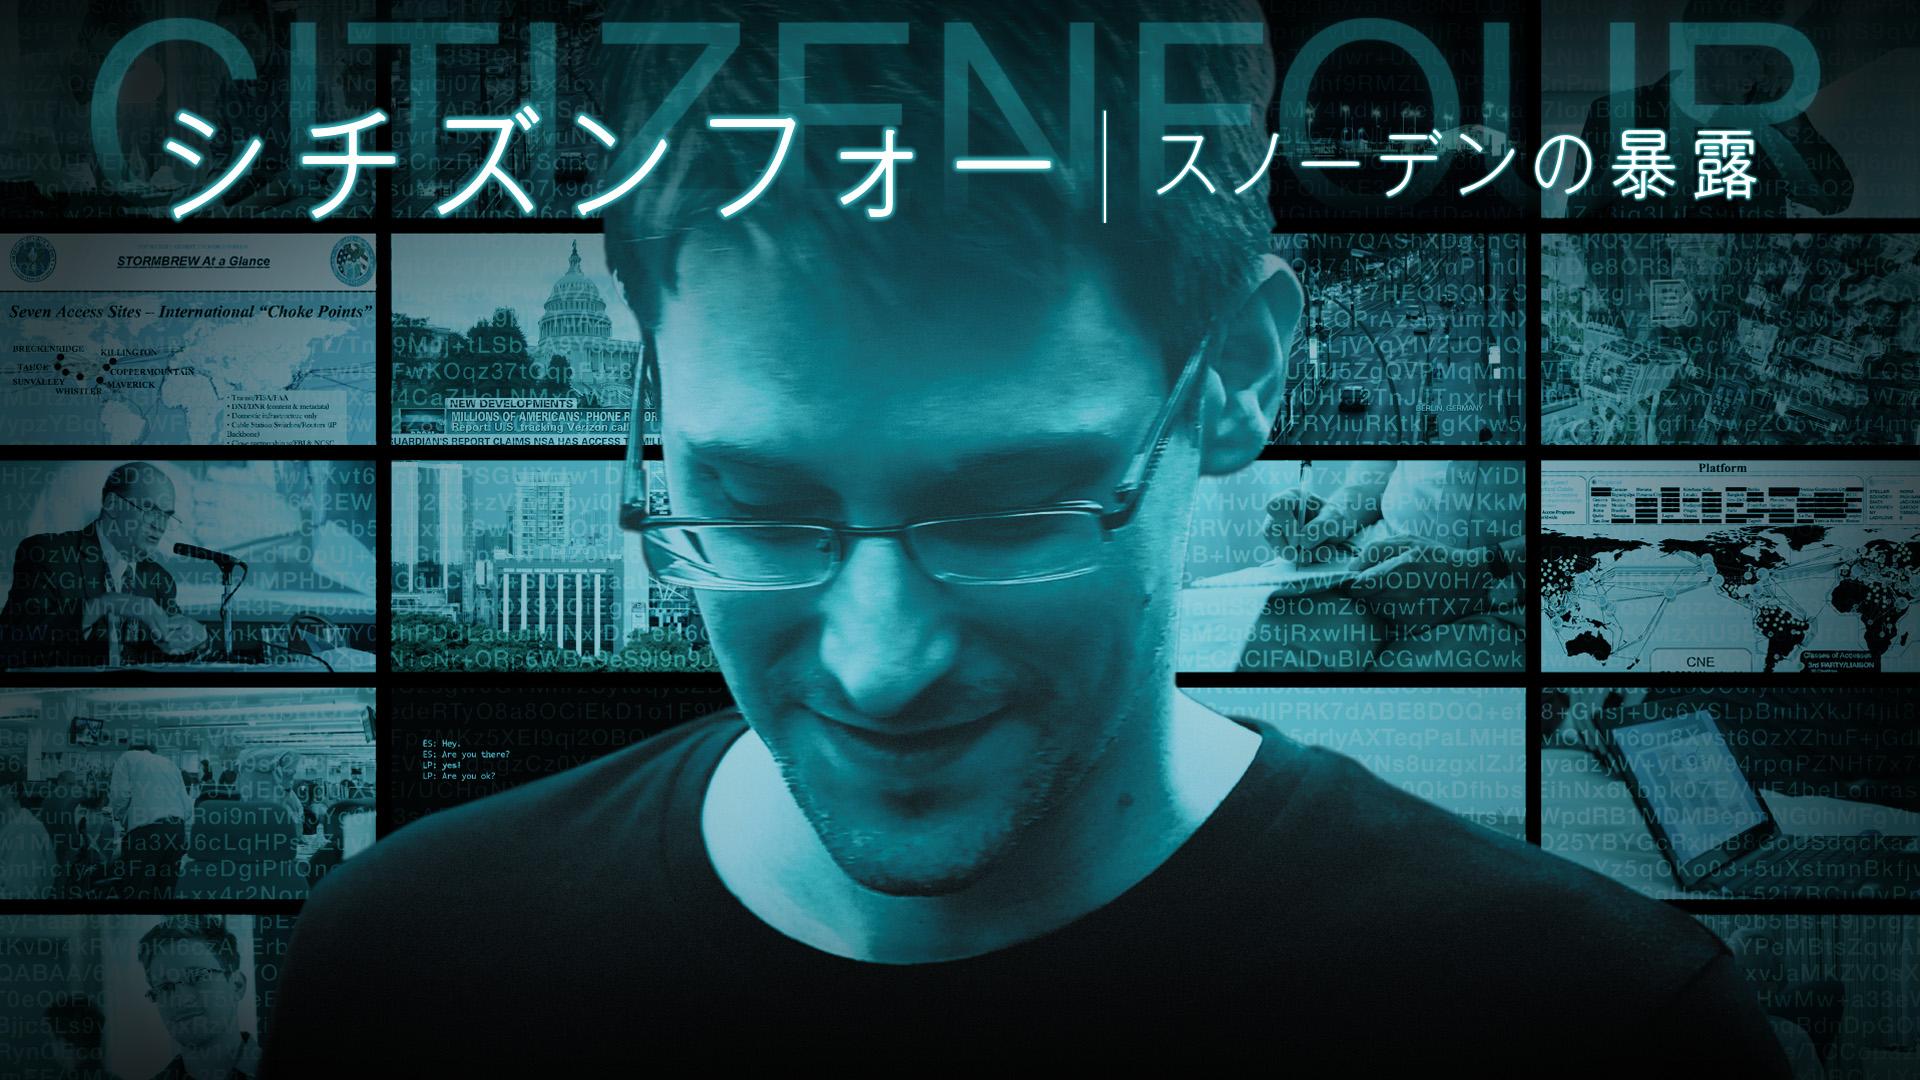 シチズンフォー スノーデンの暴露(字幕版)